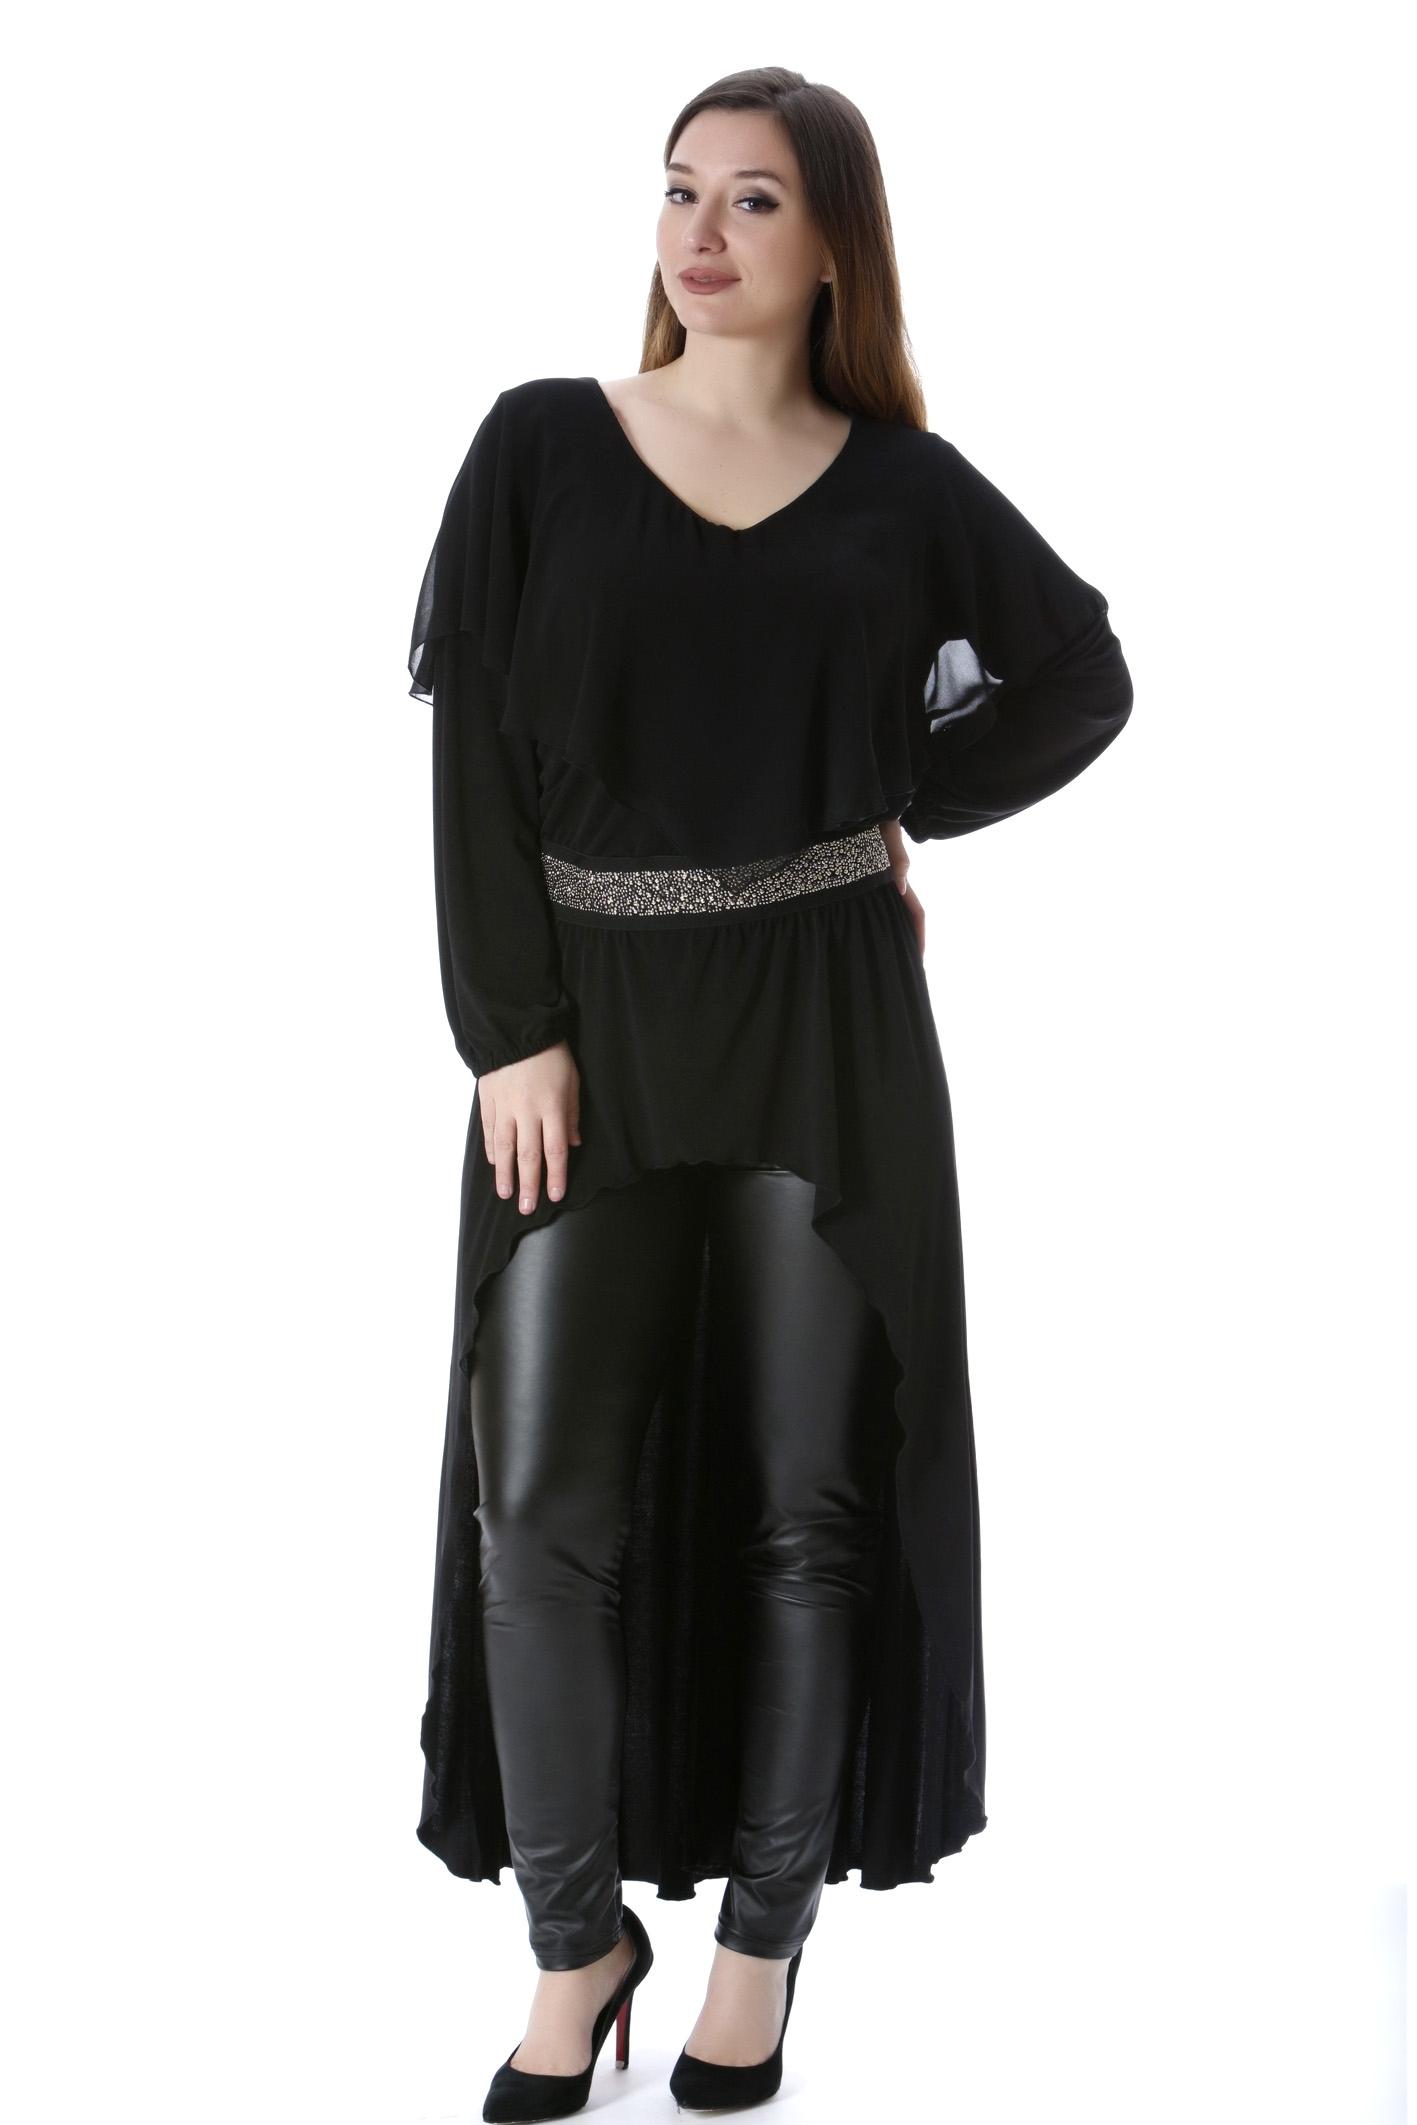 Ασύμμετρη τουνίκ μαύρη νέες αφίξεις   ενδύματα   μπλουζοφορέματα   sunrose   brands